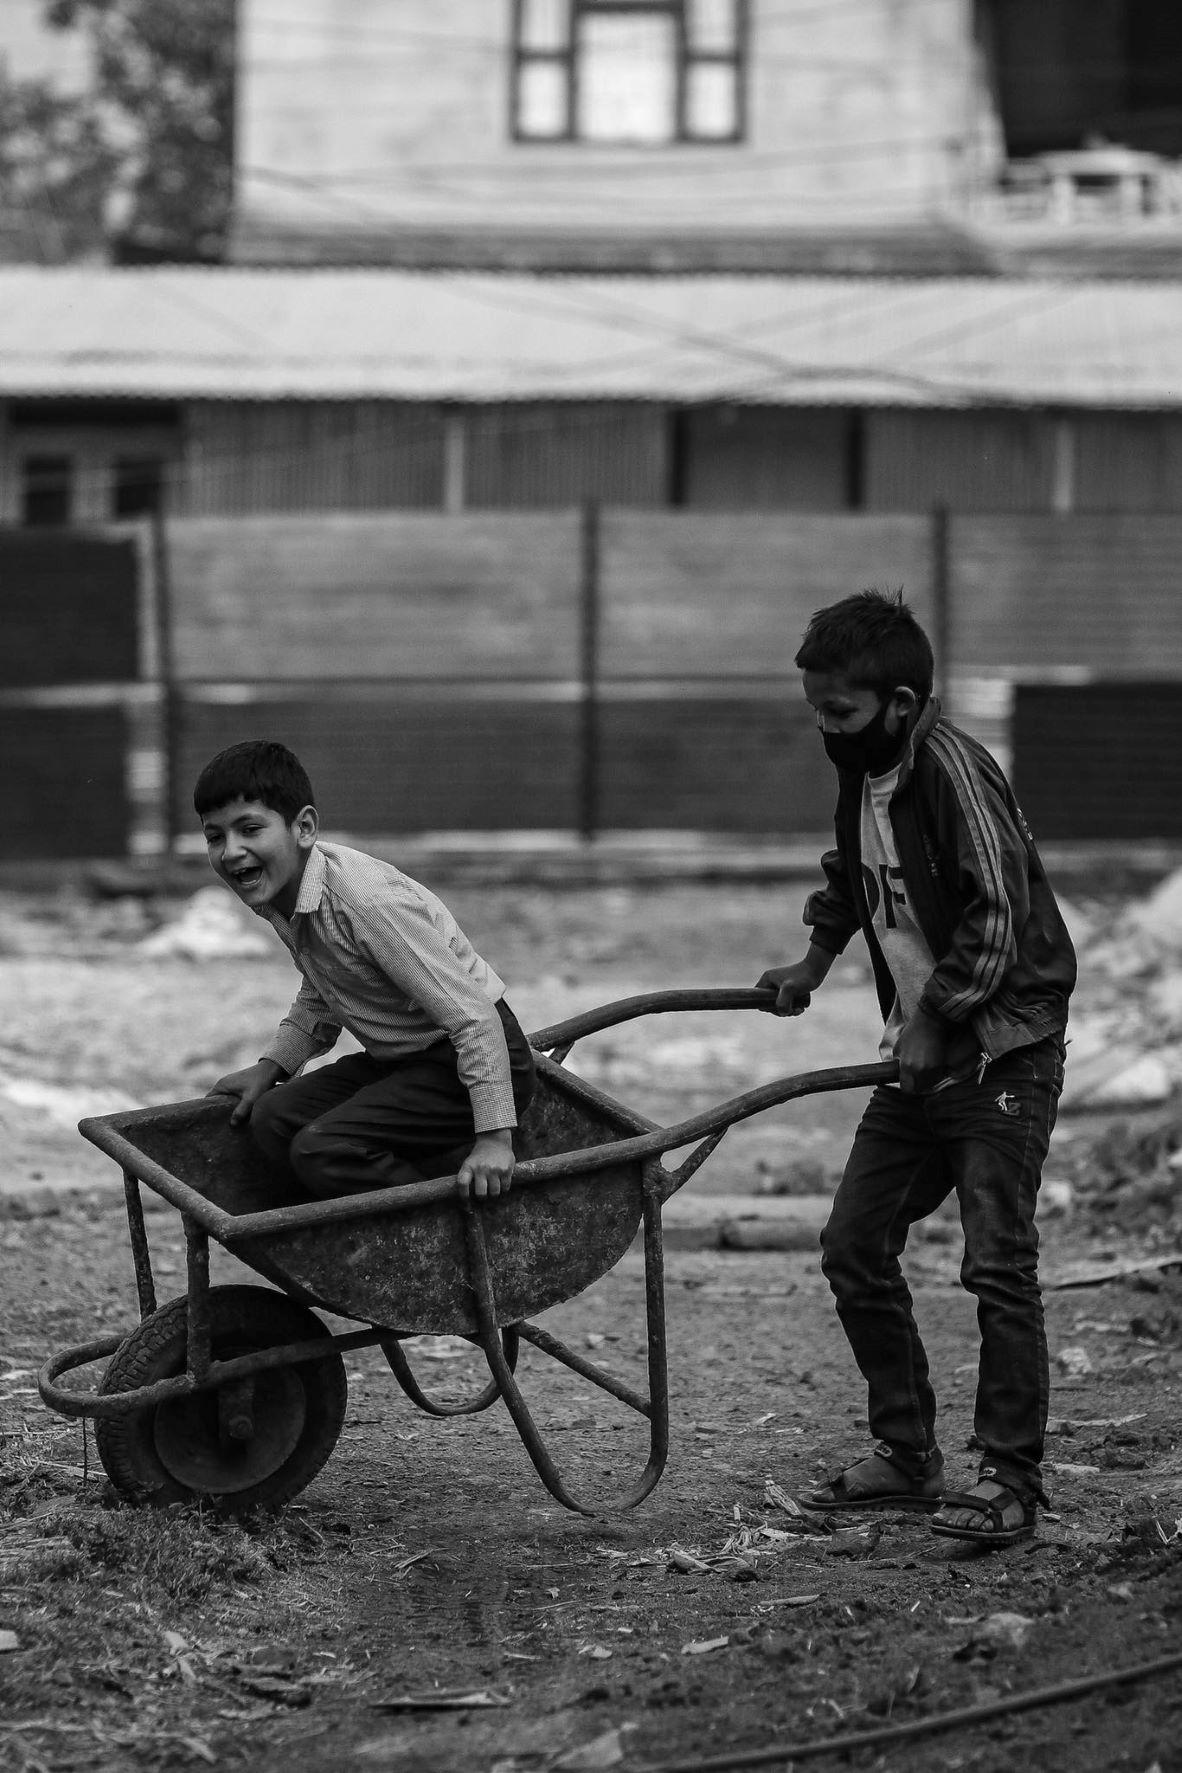 विद्यालय बन्द भएपछि ललितपुरको एक गाउँमा खेल्दै स्कुले बालबालिका । कोरोना महामारीका कारण विद्यालयमा भौतिक कक्षा सञ्चालन हुन सकेका छैनन् । विजय भुलुन/शब्दपाटी